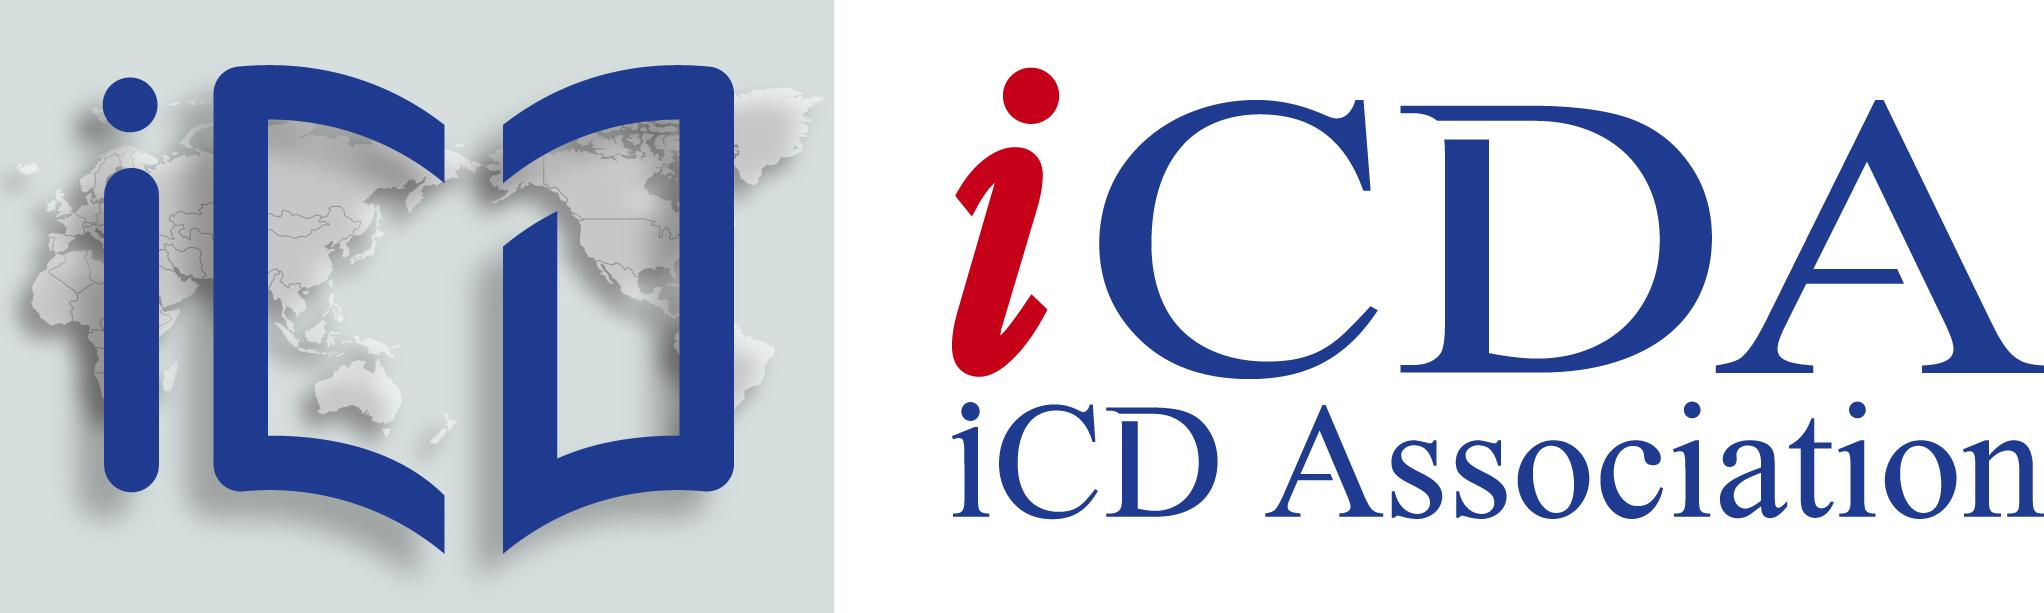 【iCD協会】12月6日第2回全国情報交換会 申込開始のご案内